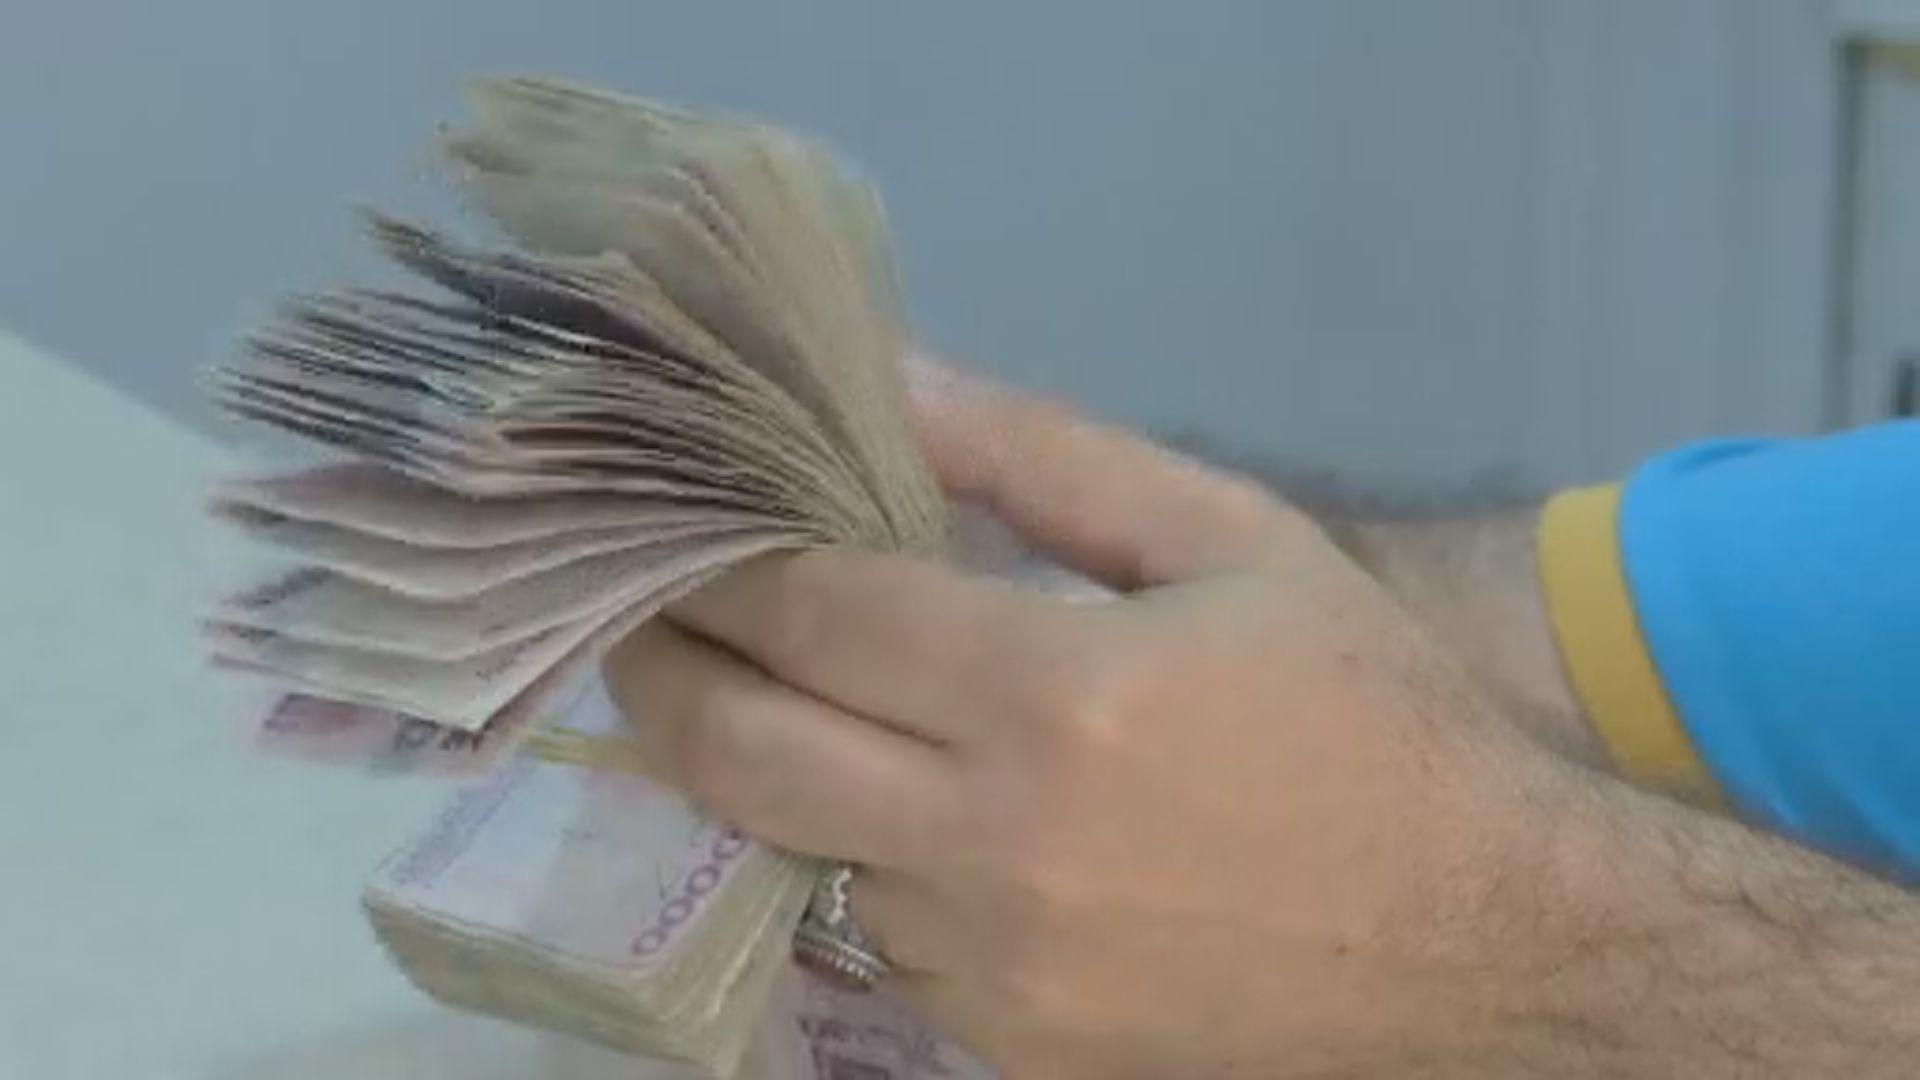 【環球薈報】伊朗貨幣貶值六成 央行擬刪四個「零」